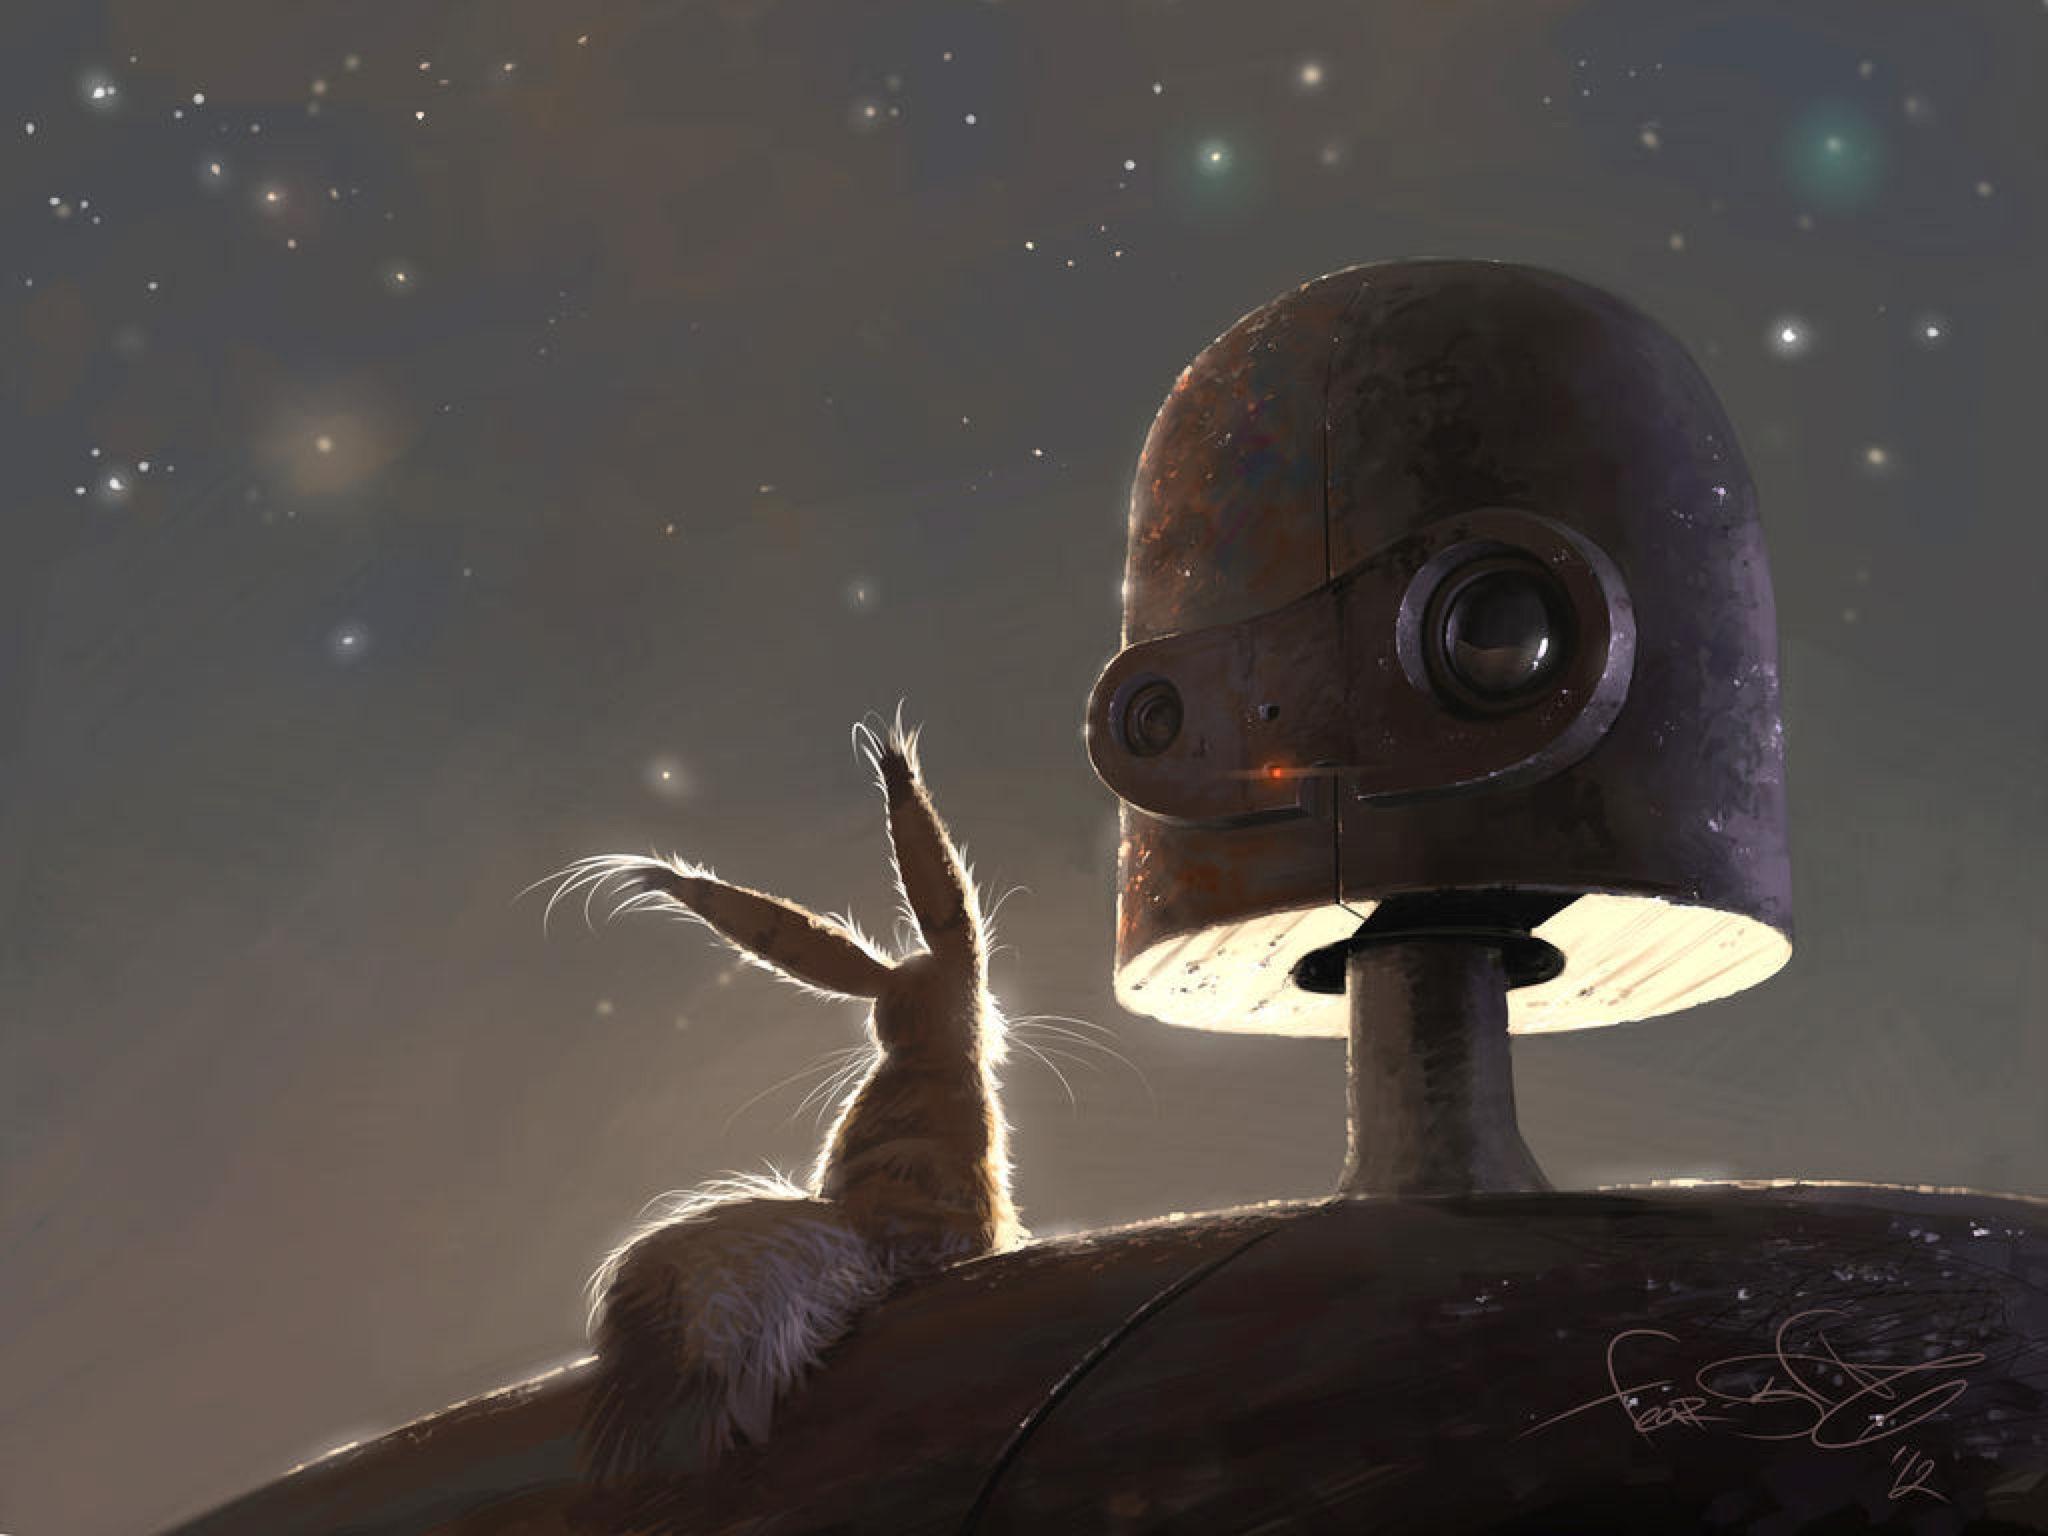 Laputa robot by fear-sAs on DeviantArt